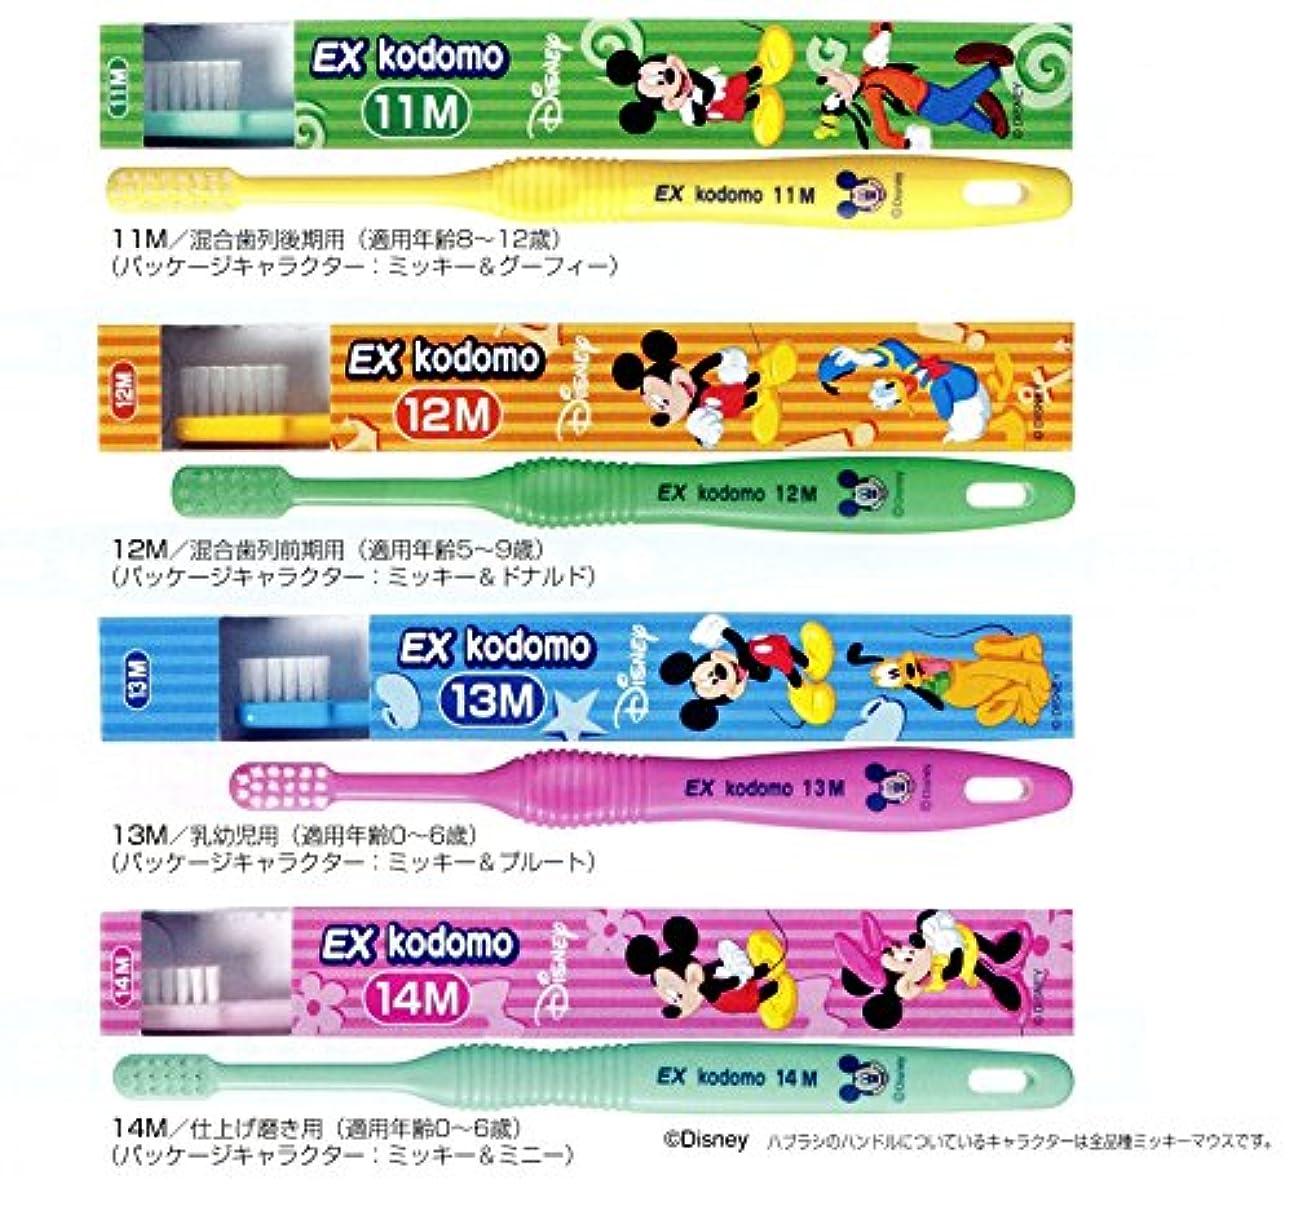 しかし無視する百万ライオン コドモ ディズニー DENT.EX kodomo Disney 1本 12M ブルー (5?9歳)